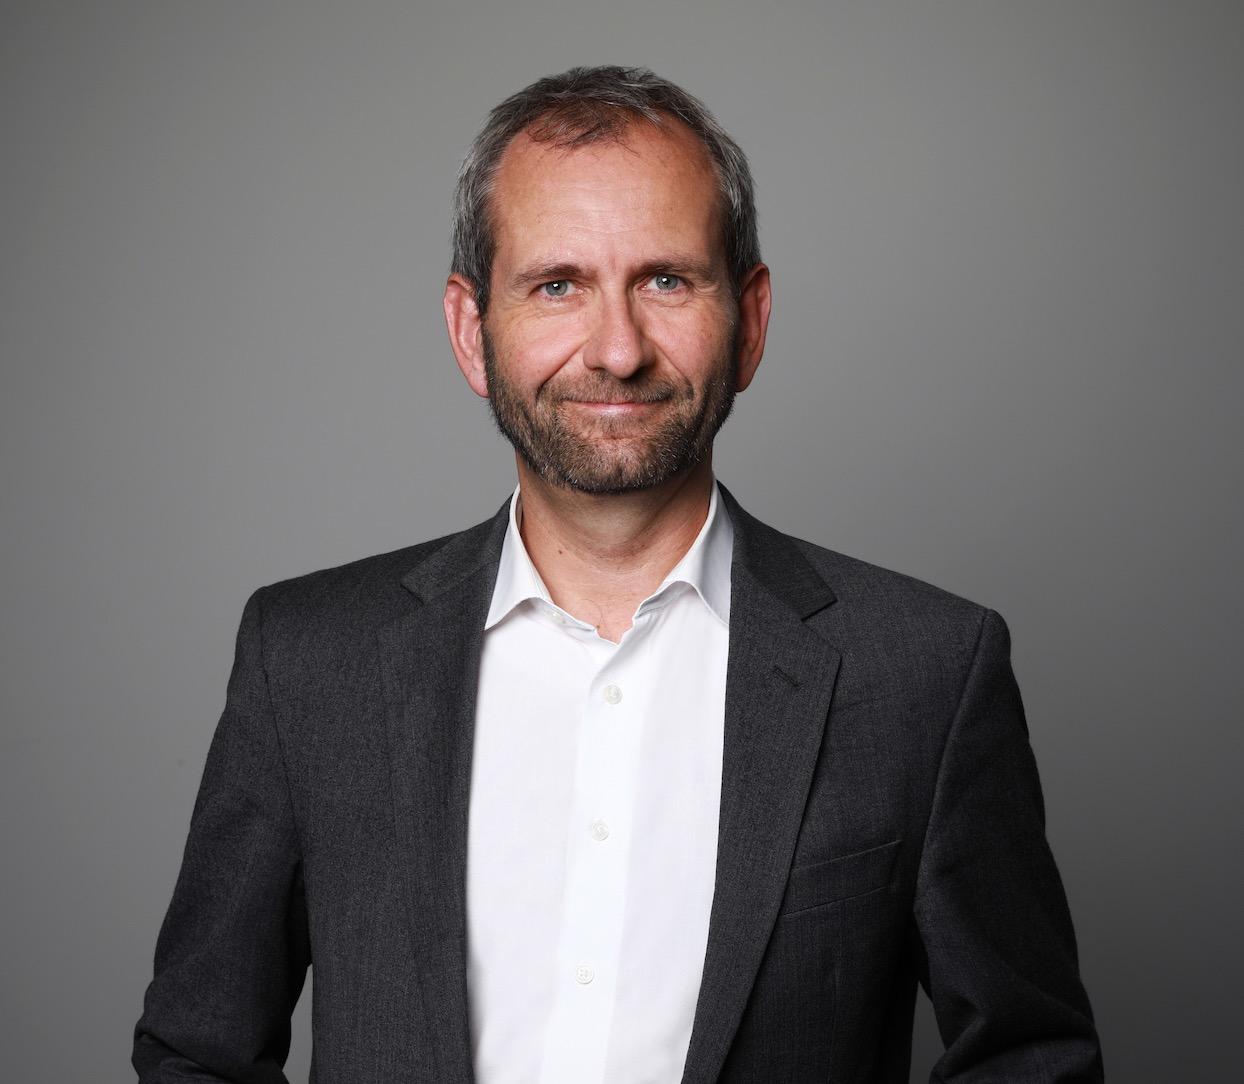 Tilman Rückert